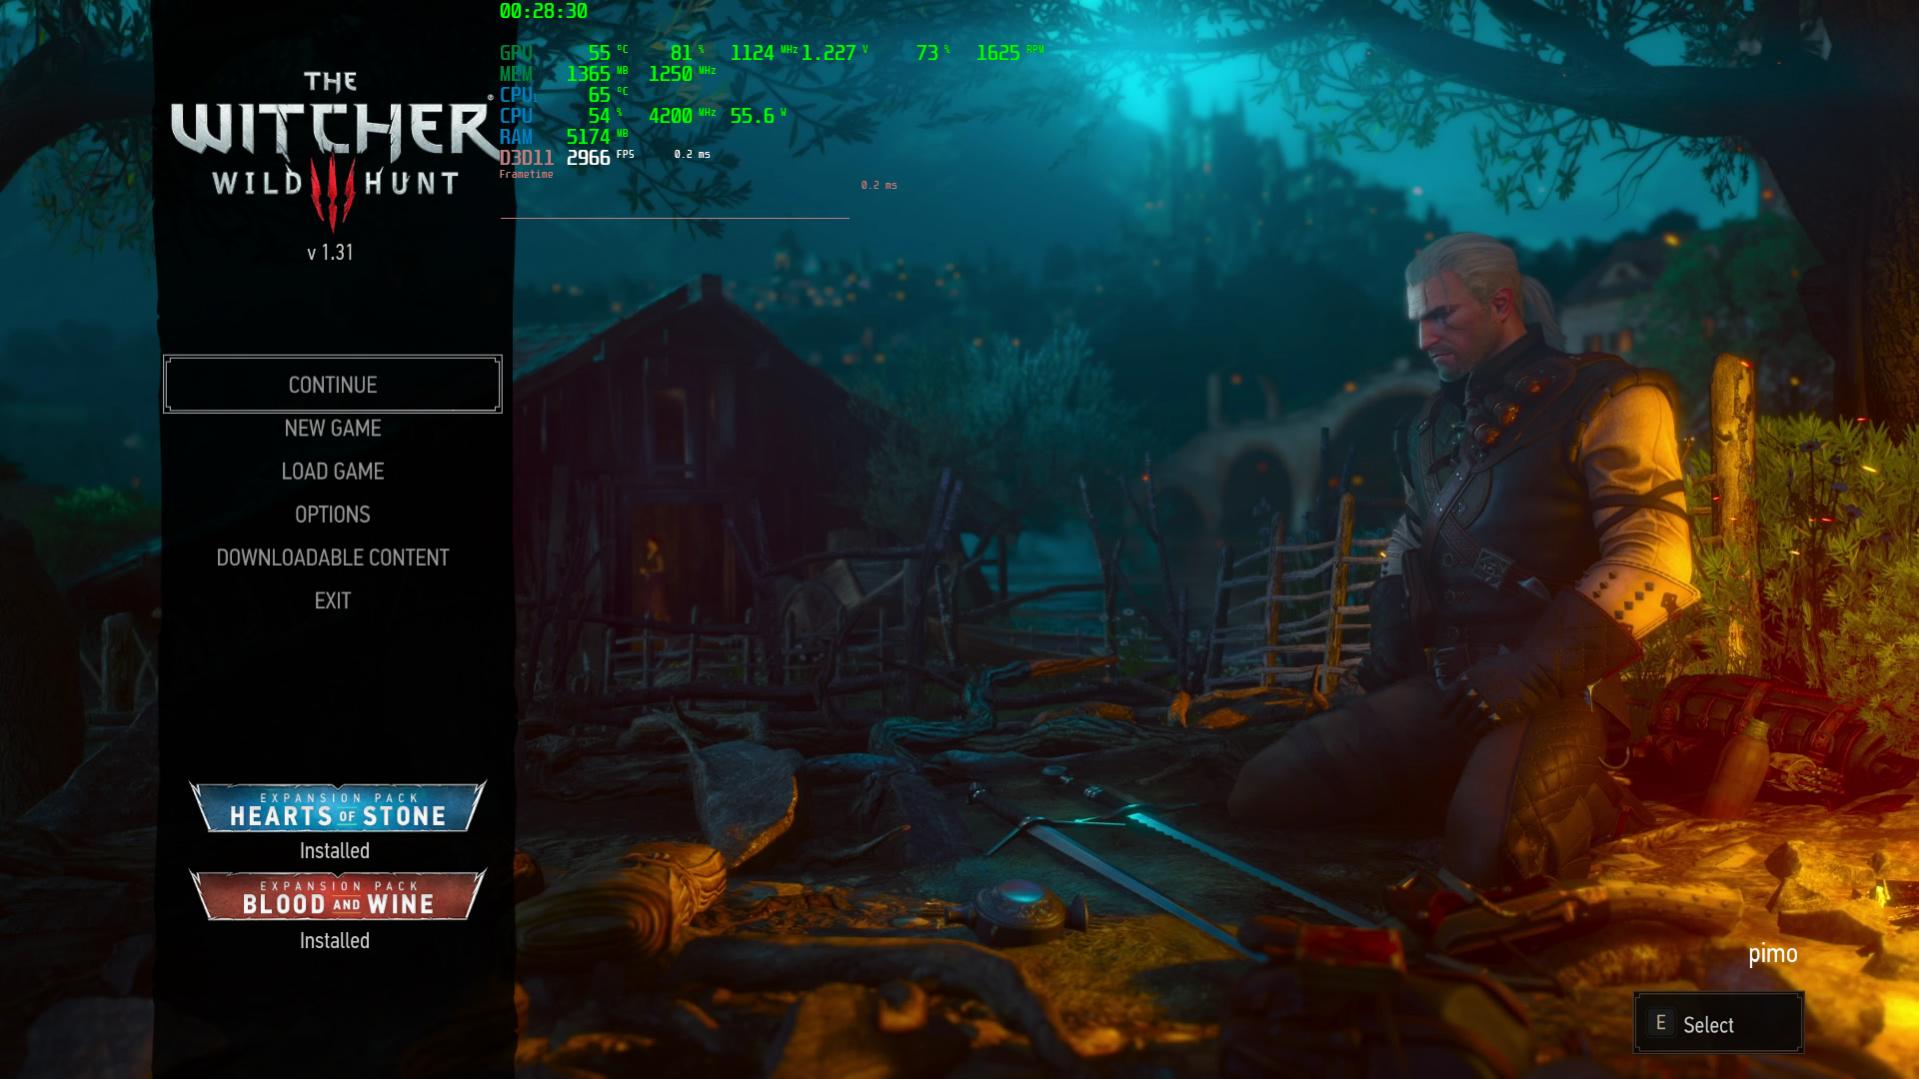 witcher2-jpg.1014185